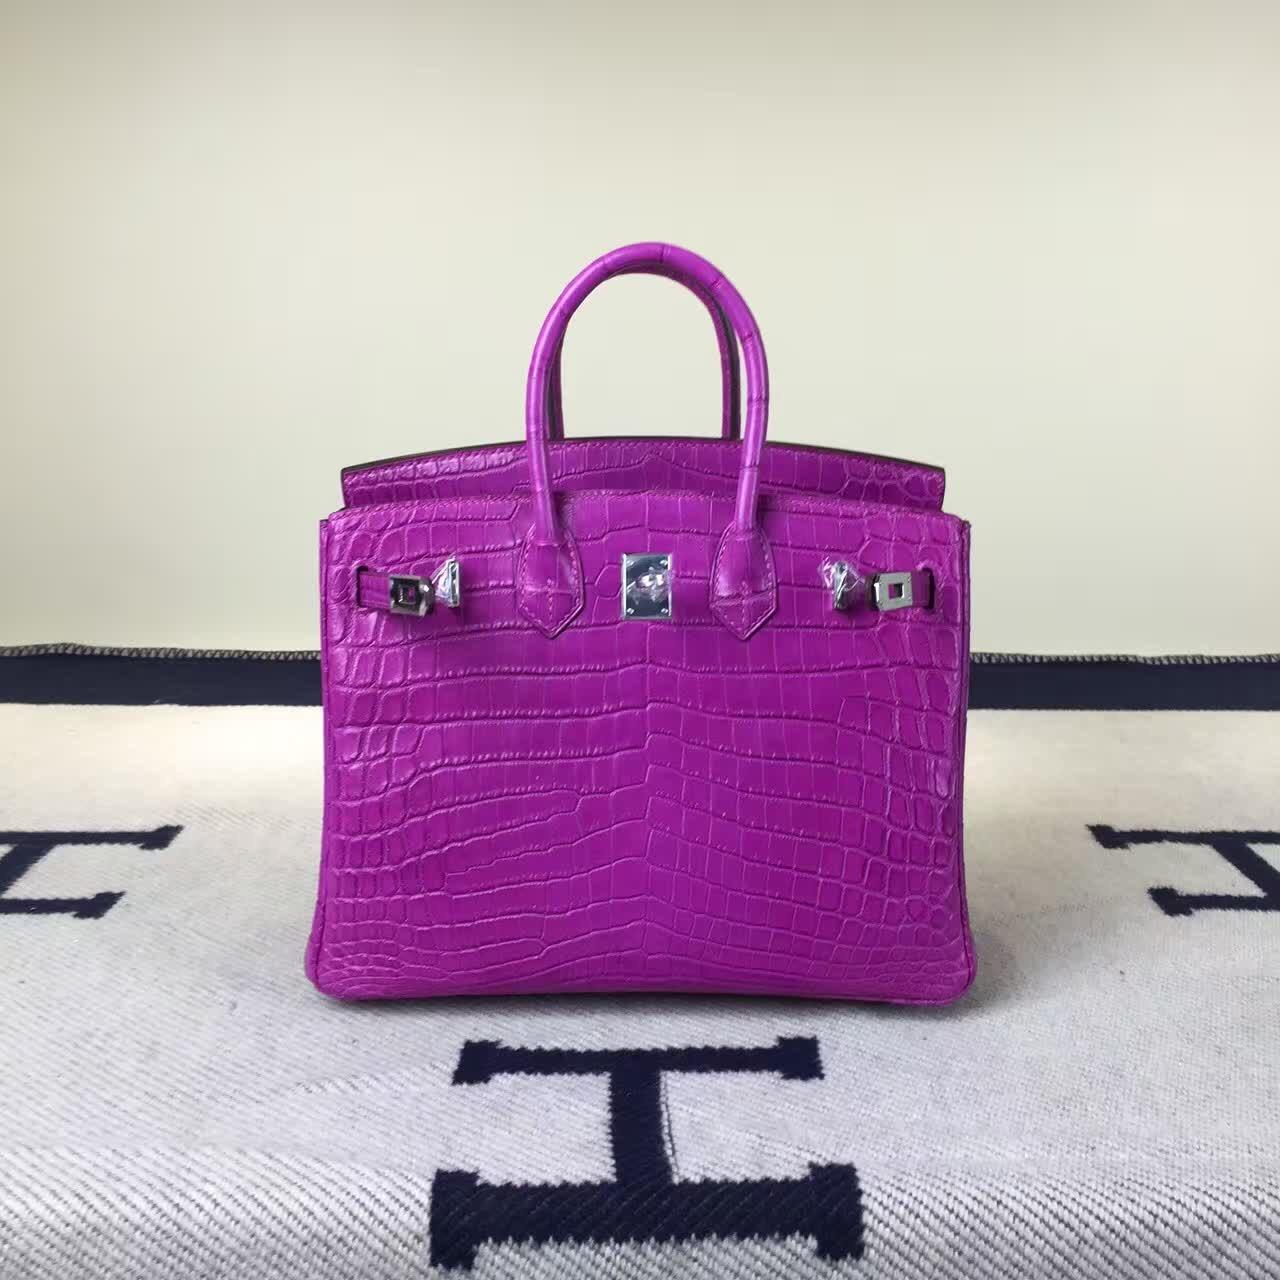 Hermes J5 Rose Scheherazade Crocodile Matt Leather Birkin Bag25cm